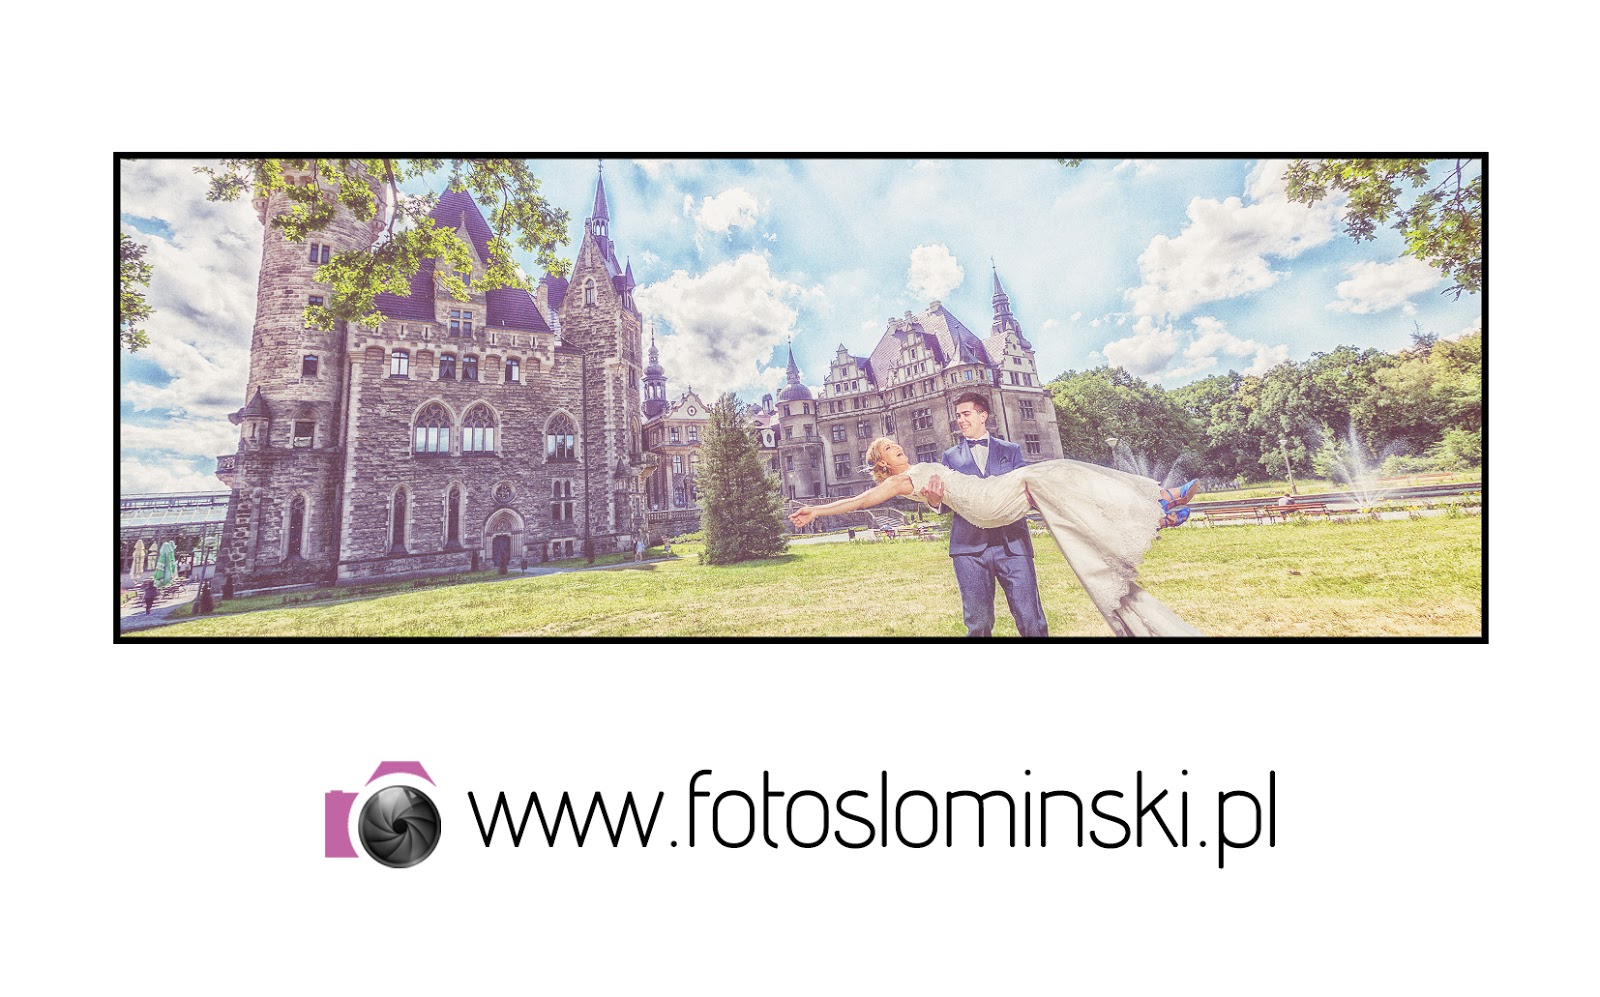 Fotografia ślubna - Kasia i Mikołaj - ślub Karczma Miłocin - Sesja plener Zamek Moszna. Album ślubny.